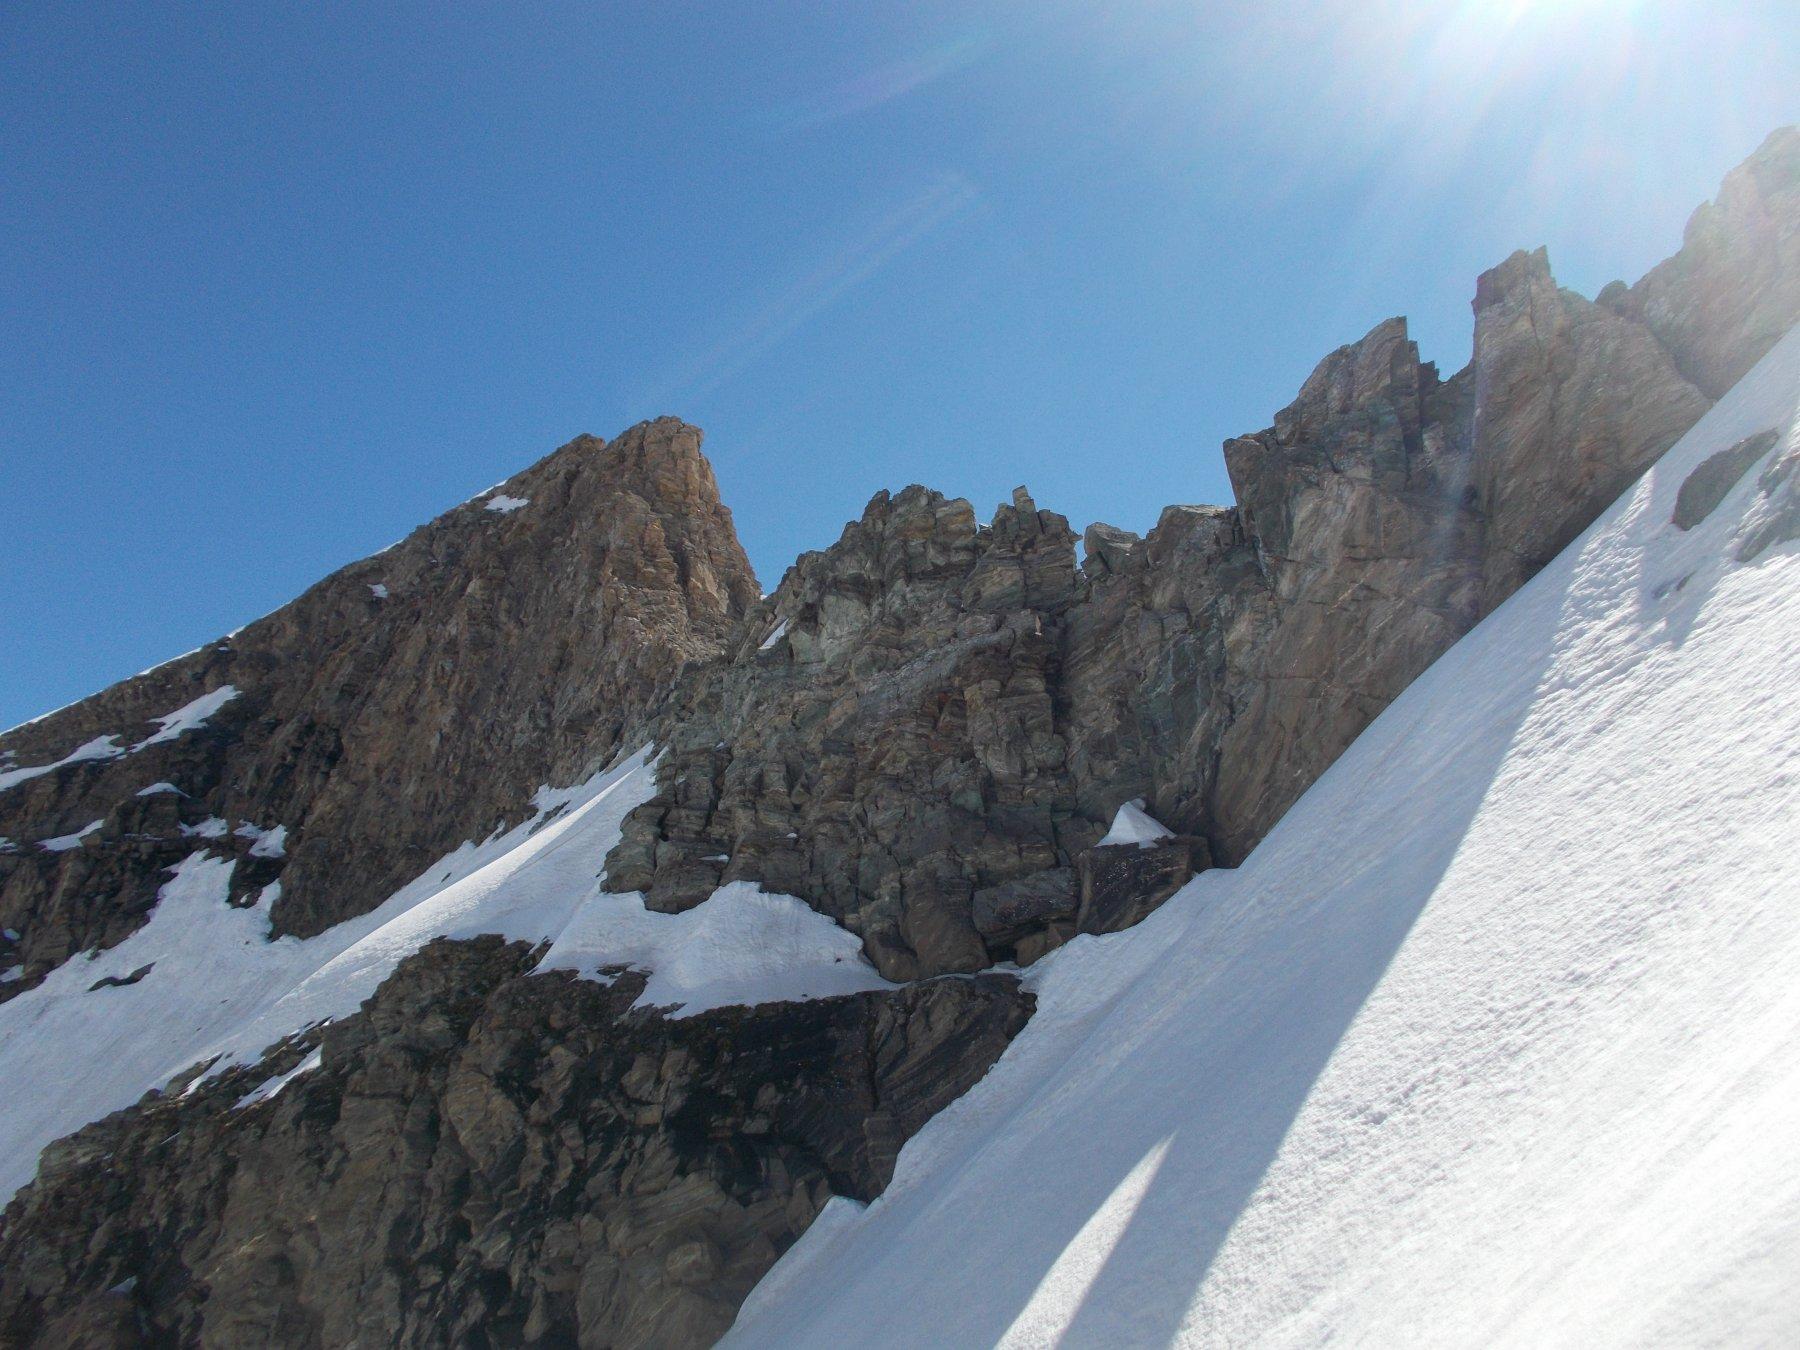 la cresta salita come appare dal lato nord.. ripresa nella fase di risalita al colle..